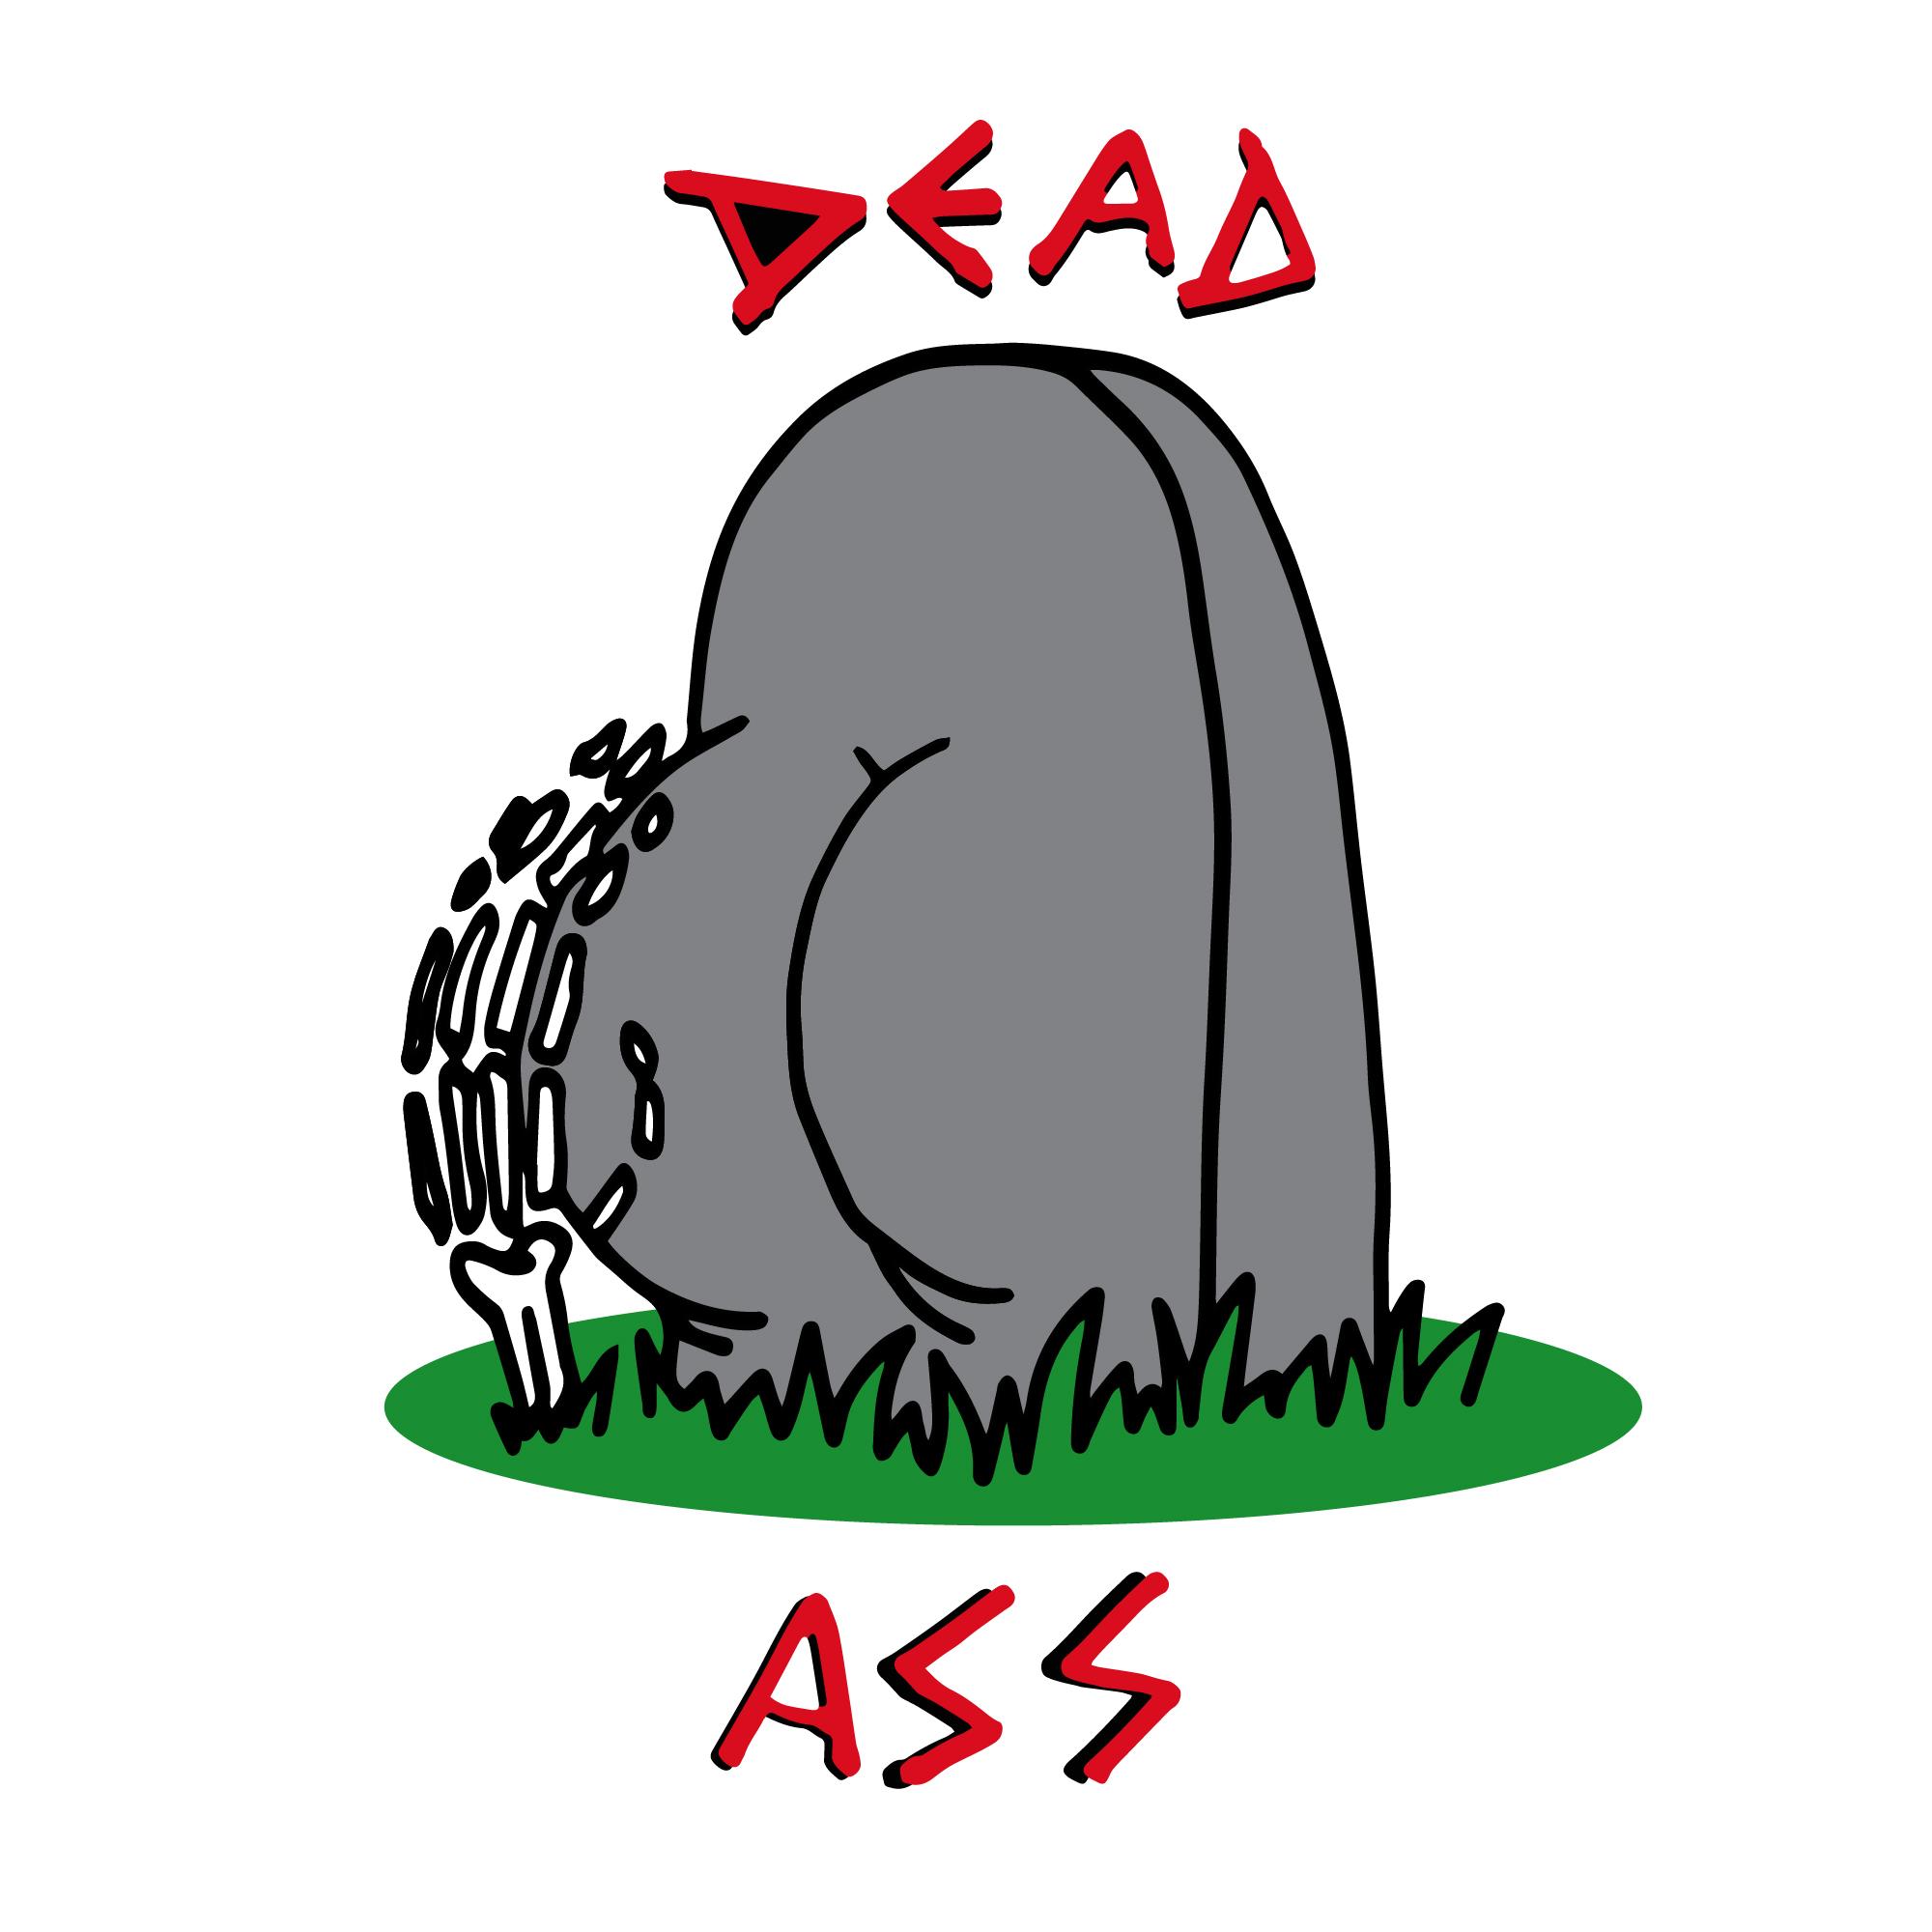 DEAD-ASS.jpg